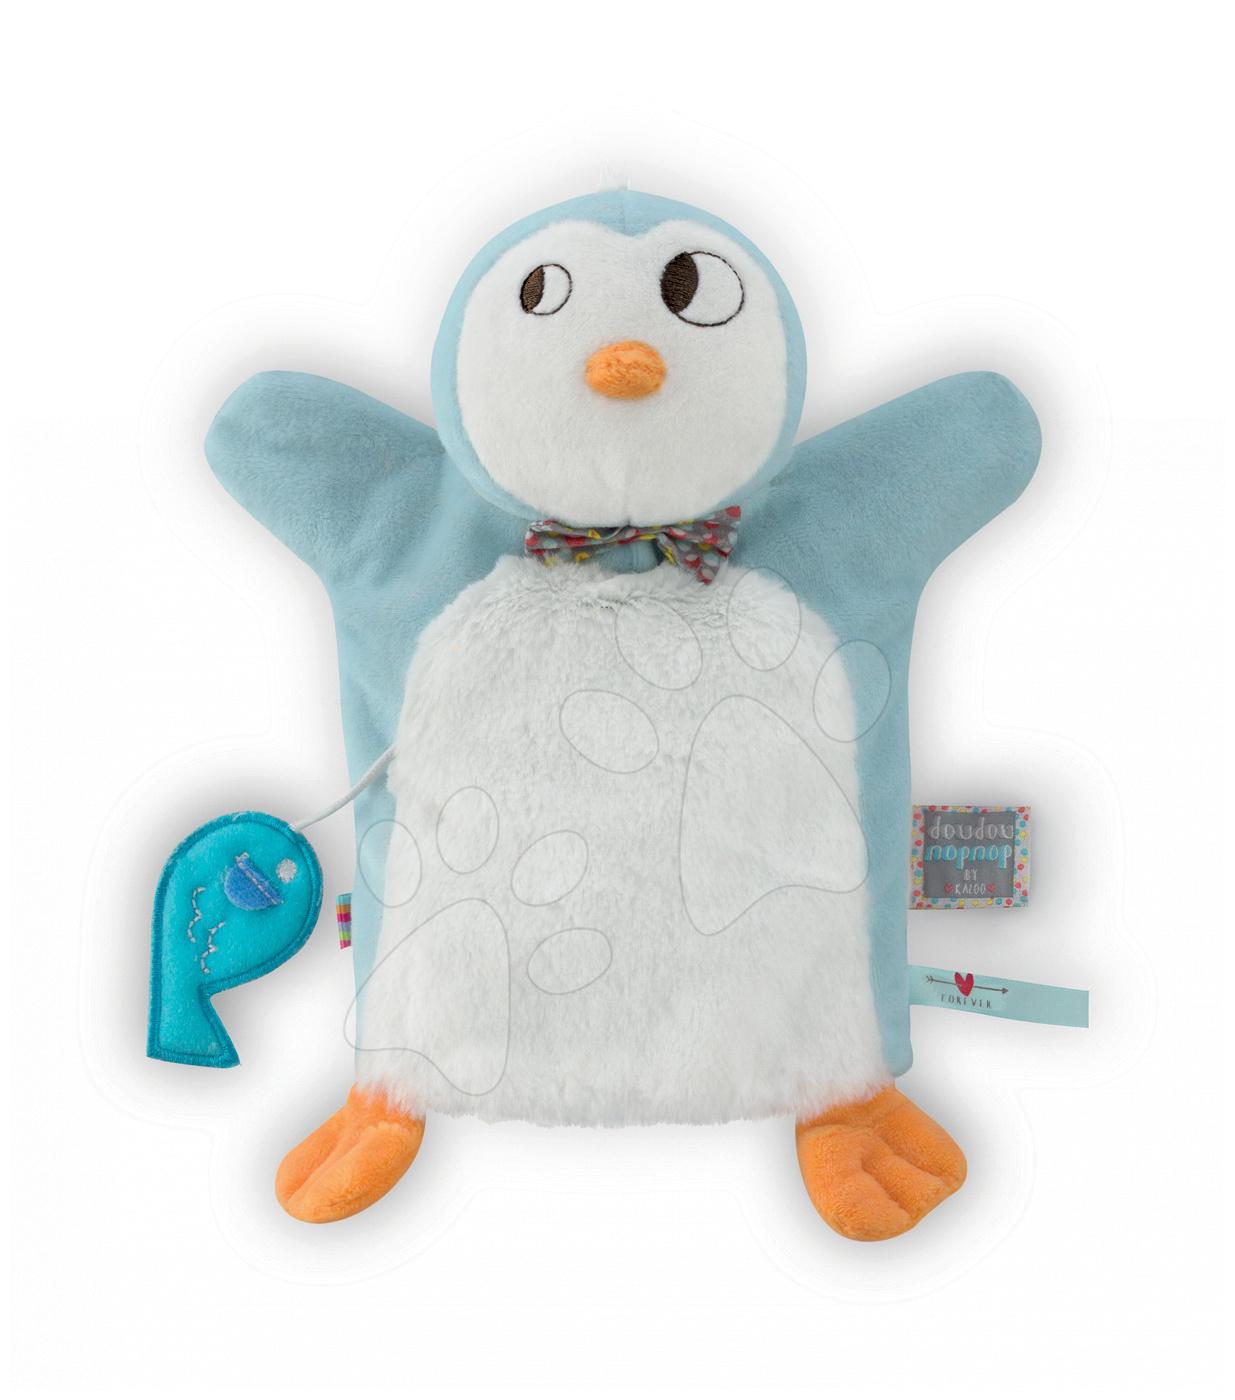 Bábky pre najmenších - Plyšový tučniak bábkové divadlo Nopnop-Ice Cream Doudou Kaloo 25 cm pre najmenších